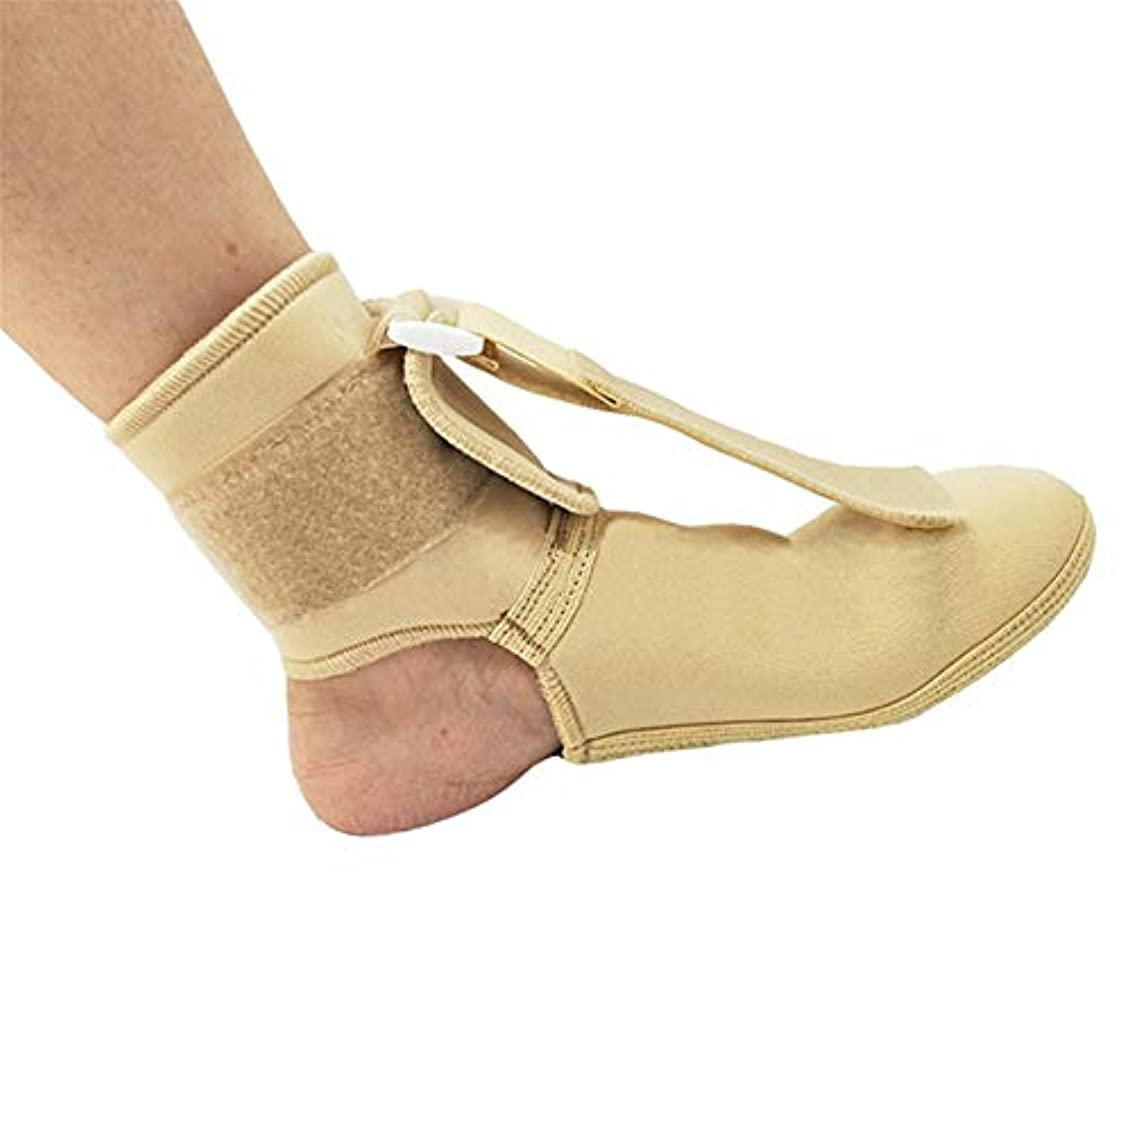 ダウンタウン三角イデオロギー足首保護、関節サポート、調節可能なフットドロップ矯正装具足の痛みの軽減スプリント足首スプリントサポートナイトスプリント,L